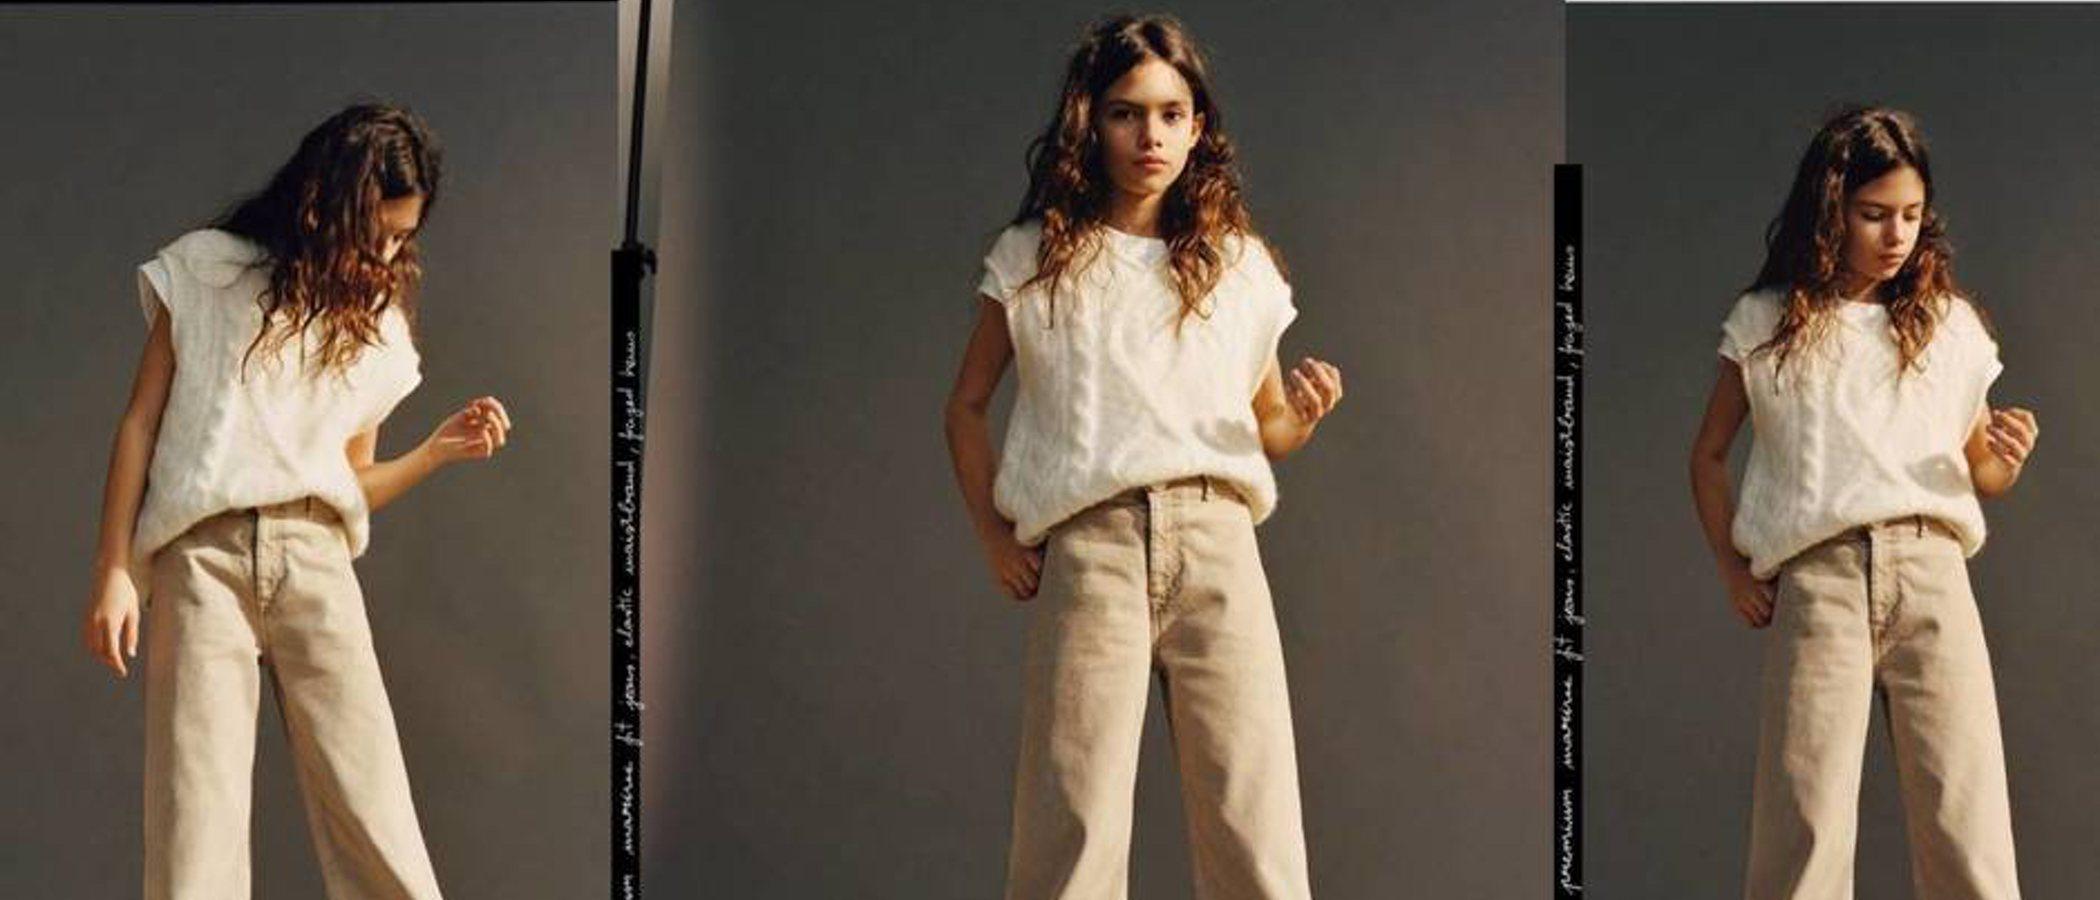 Ava, hija de Paz Vega, debuta como modelo de Zara Kids